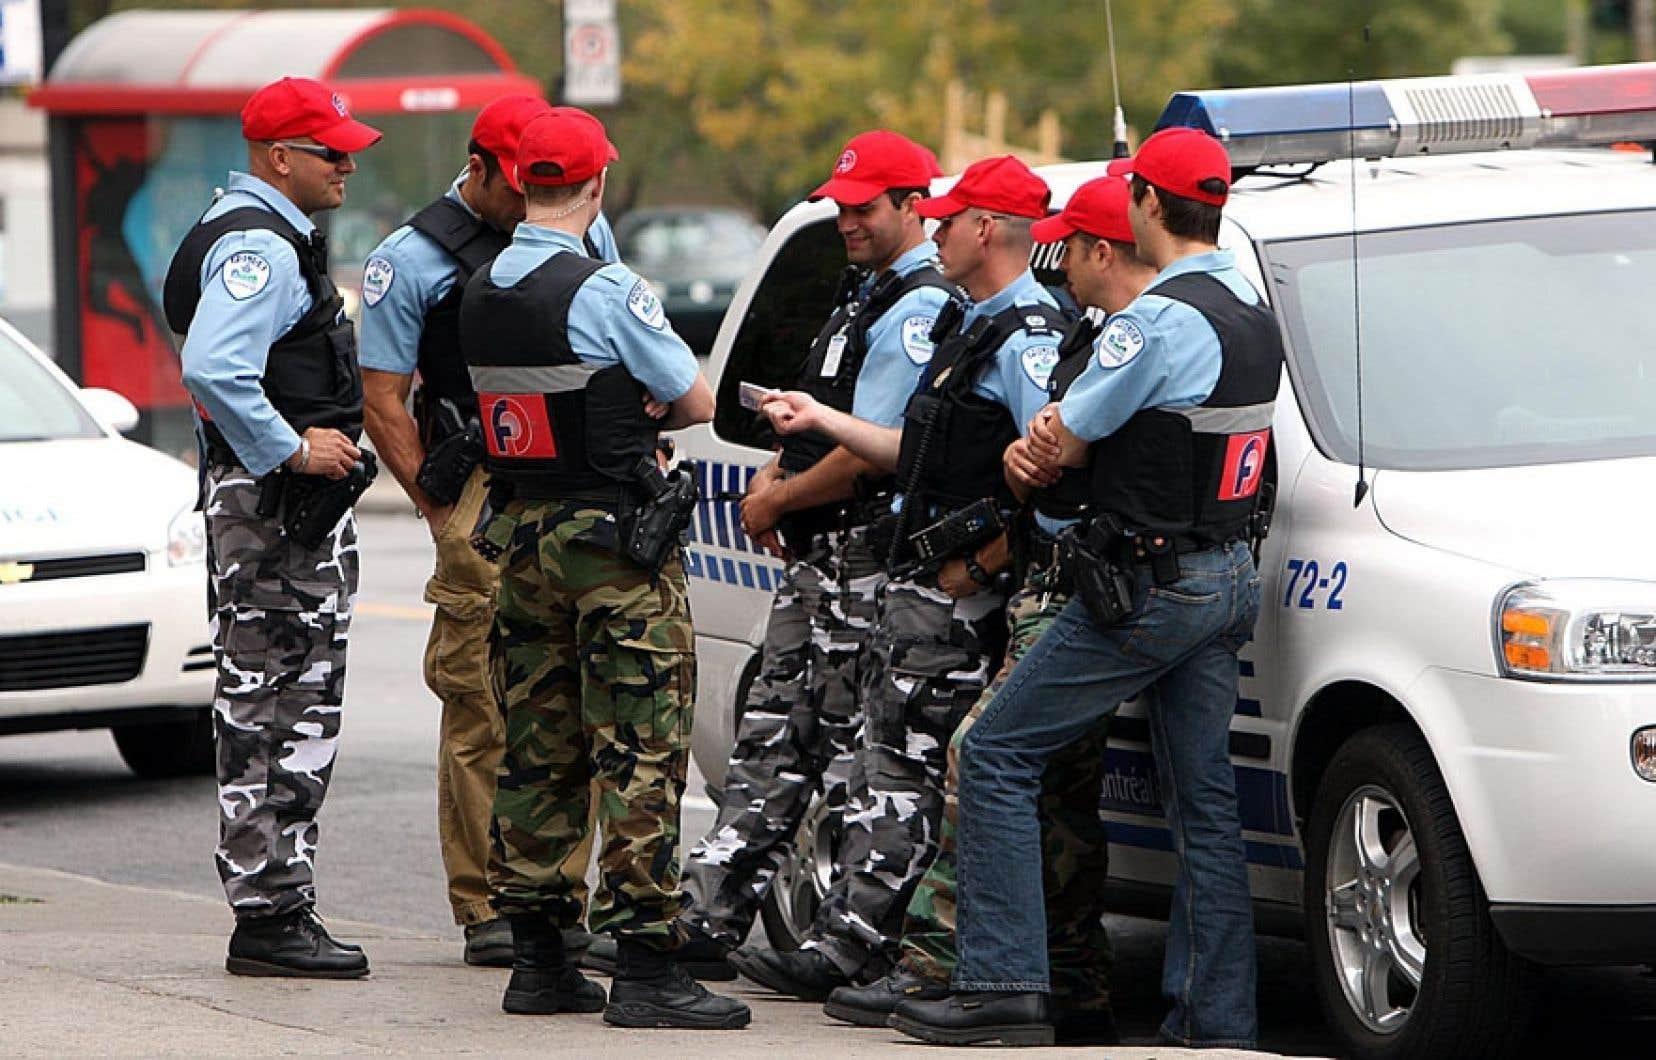 Les policiers montréalais avaient eu recours au port du pantalon «non réglementaire» en2008 eten 2009, alors qu'ils étaient sans contrat de travail depuis des années.